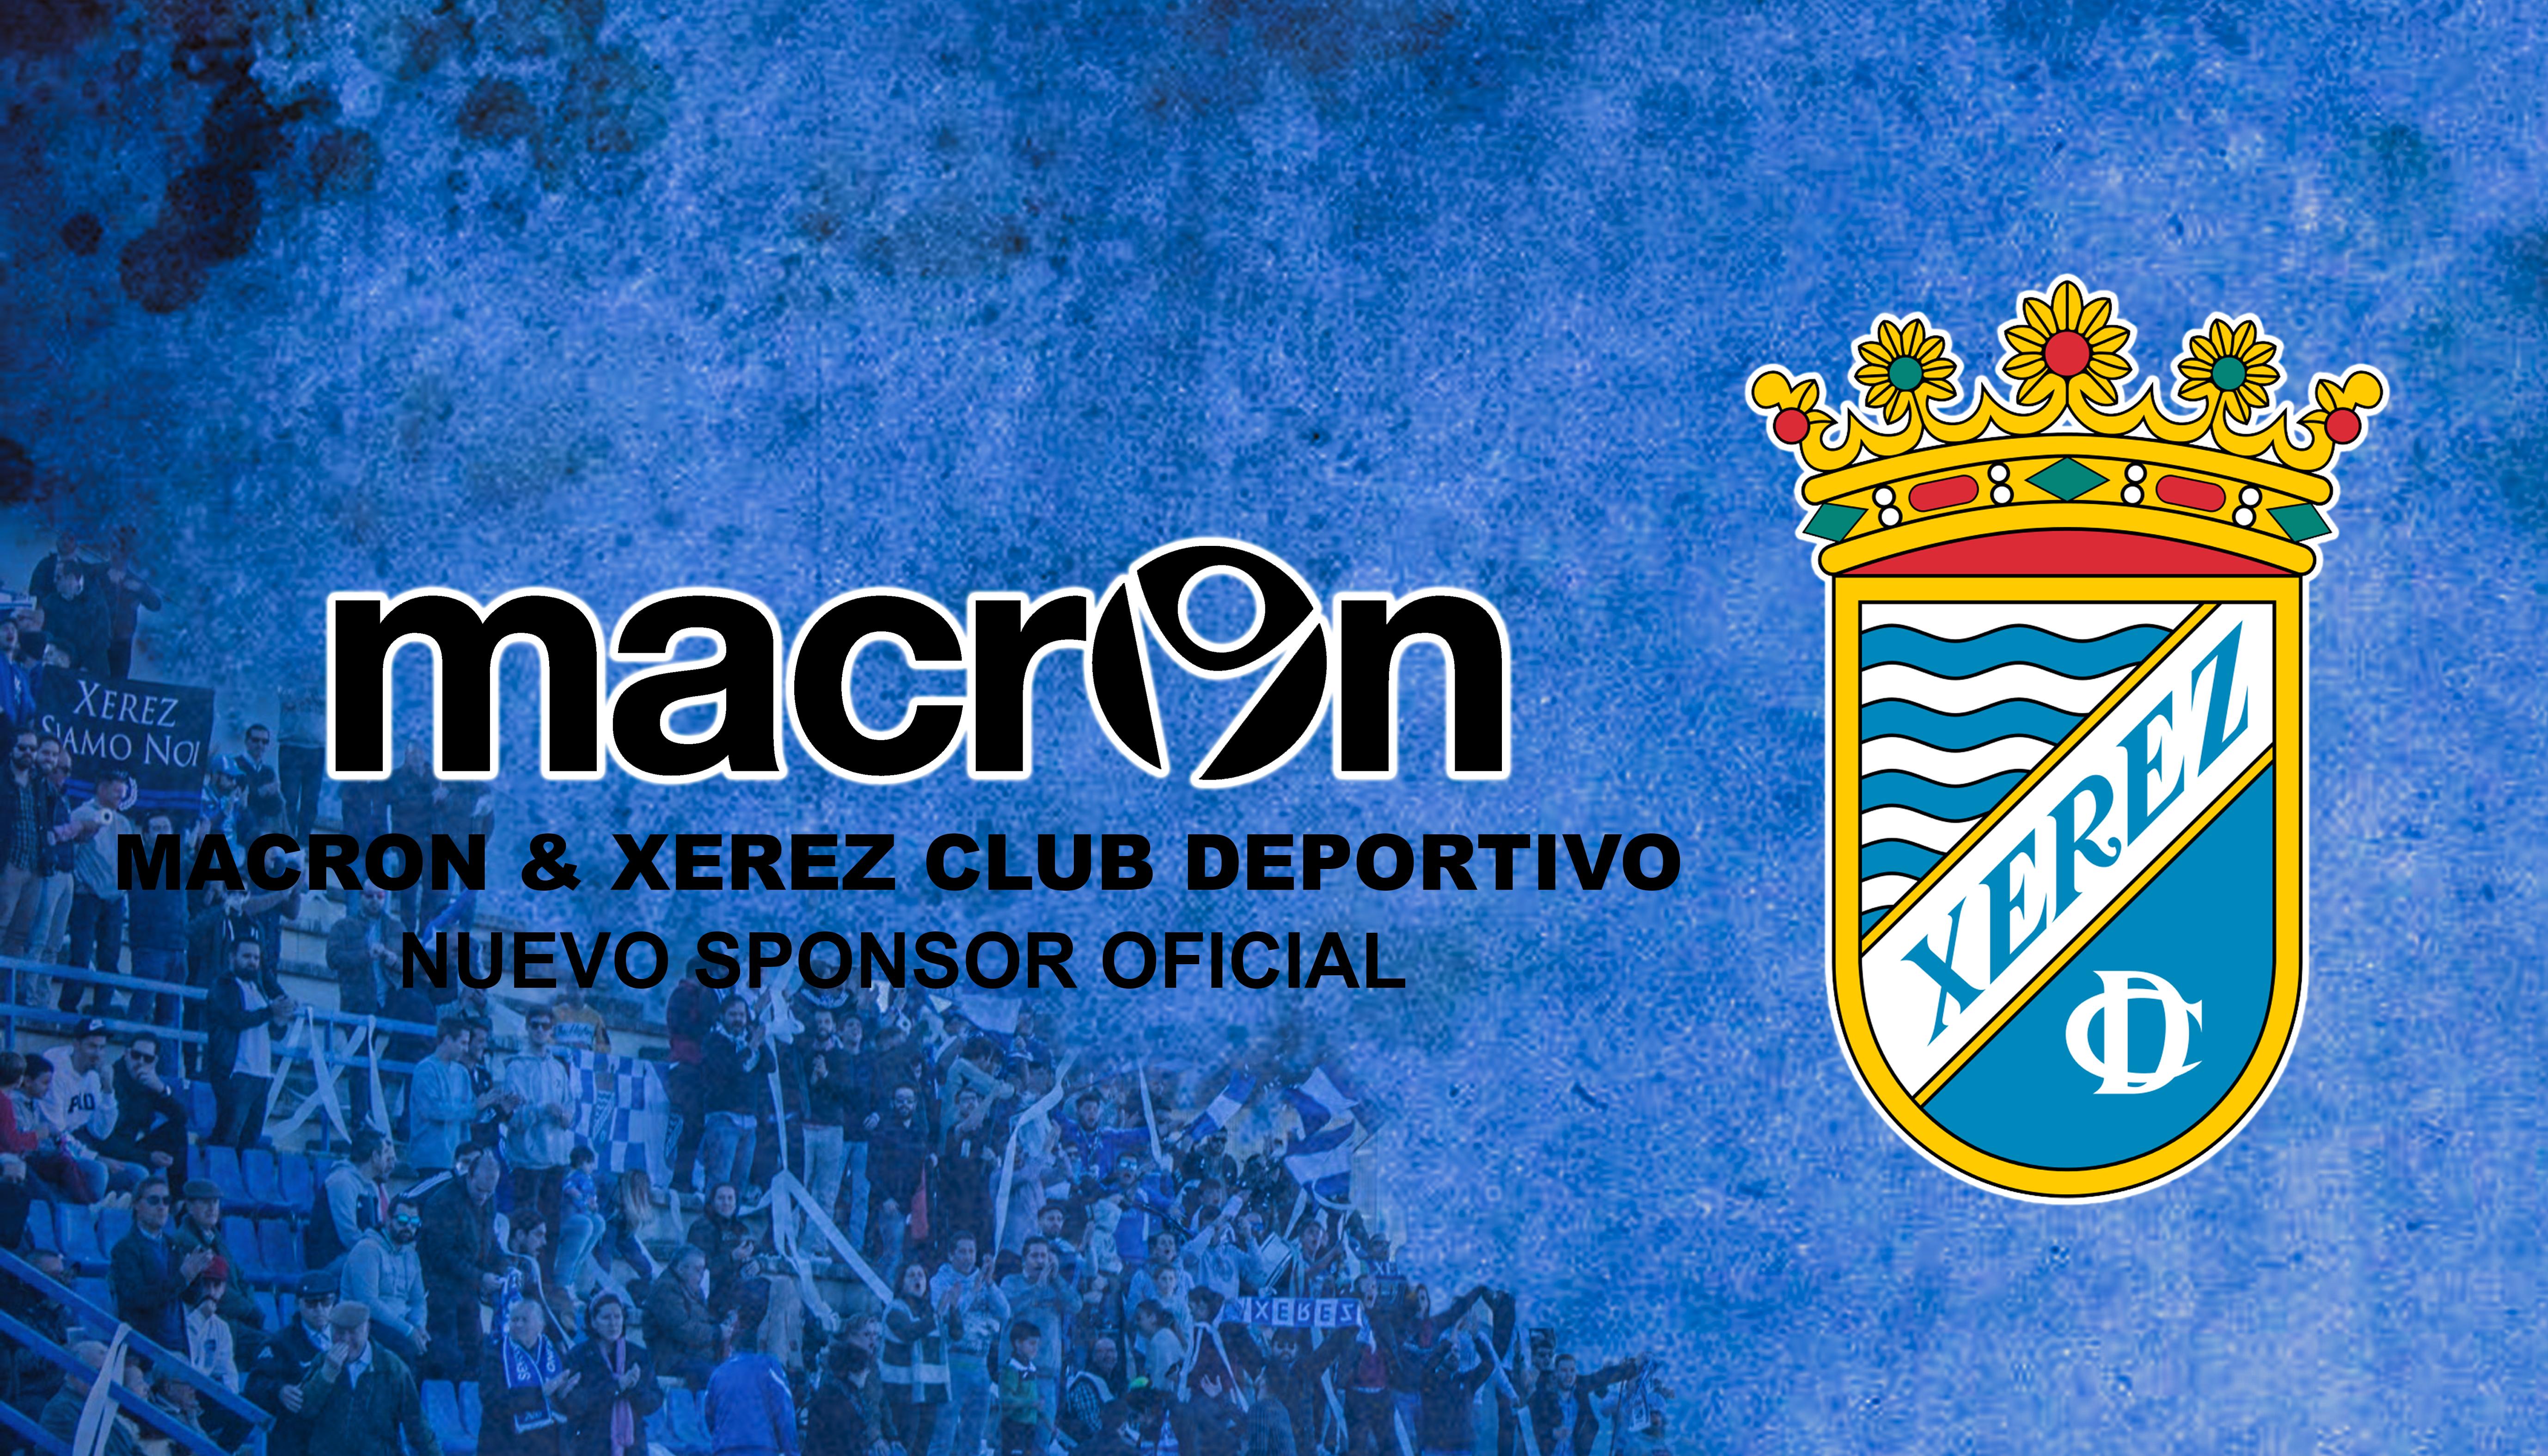 Macron será la marca deportiva que vestirá esta temporada al Xerez Club Deportivo